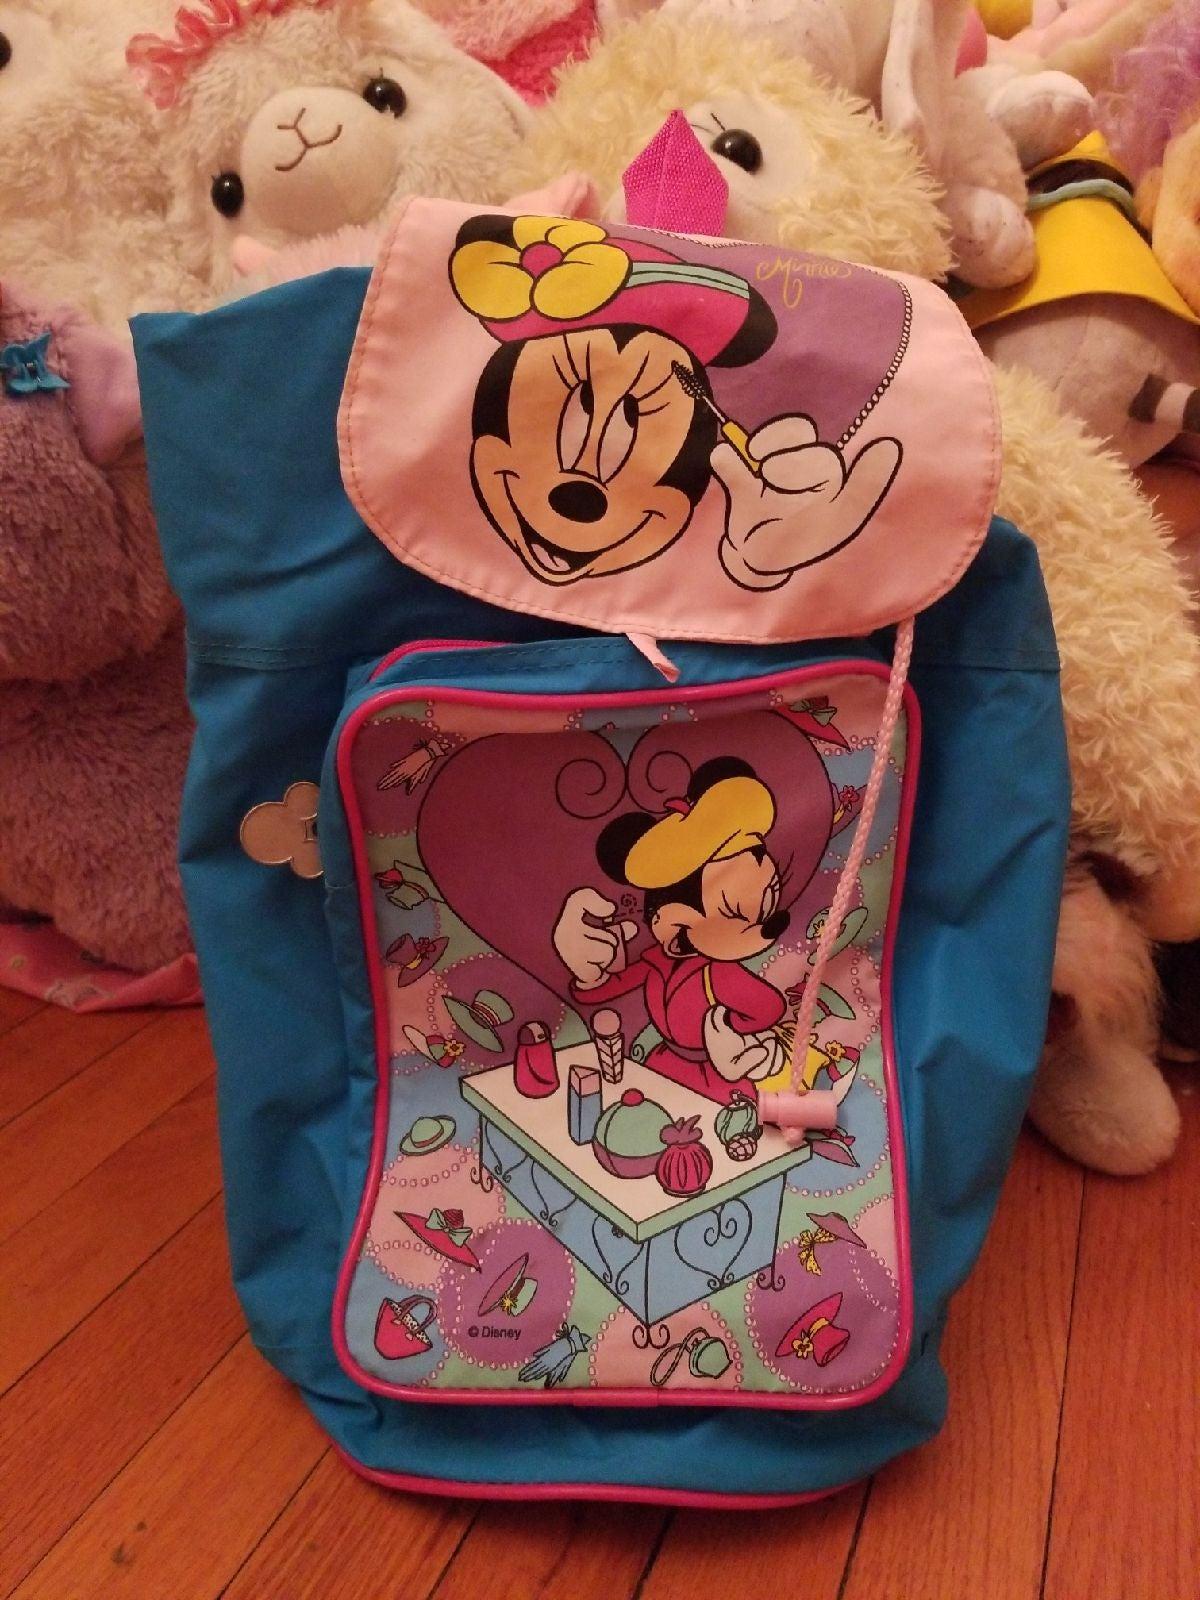 Vintage Minnie Mouse bag